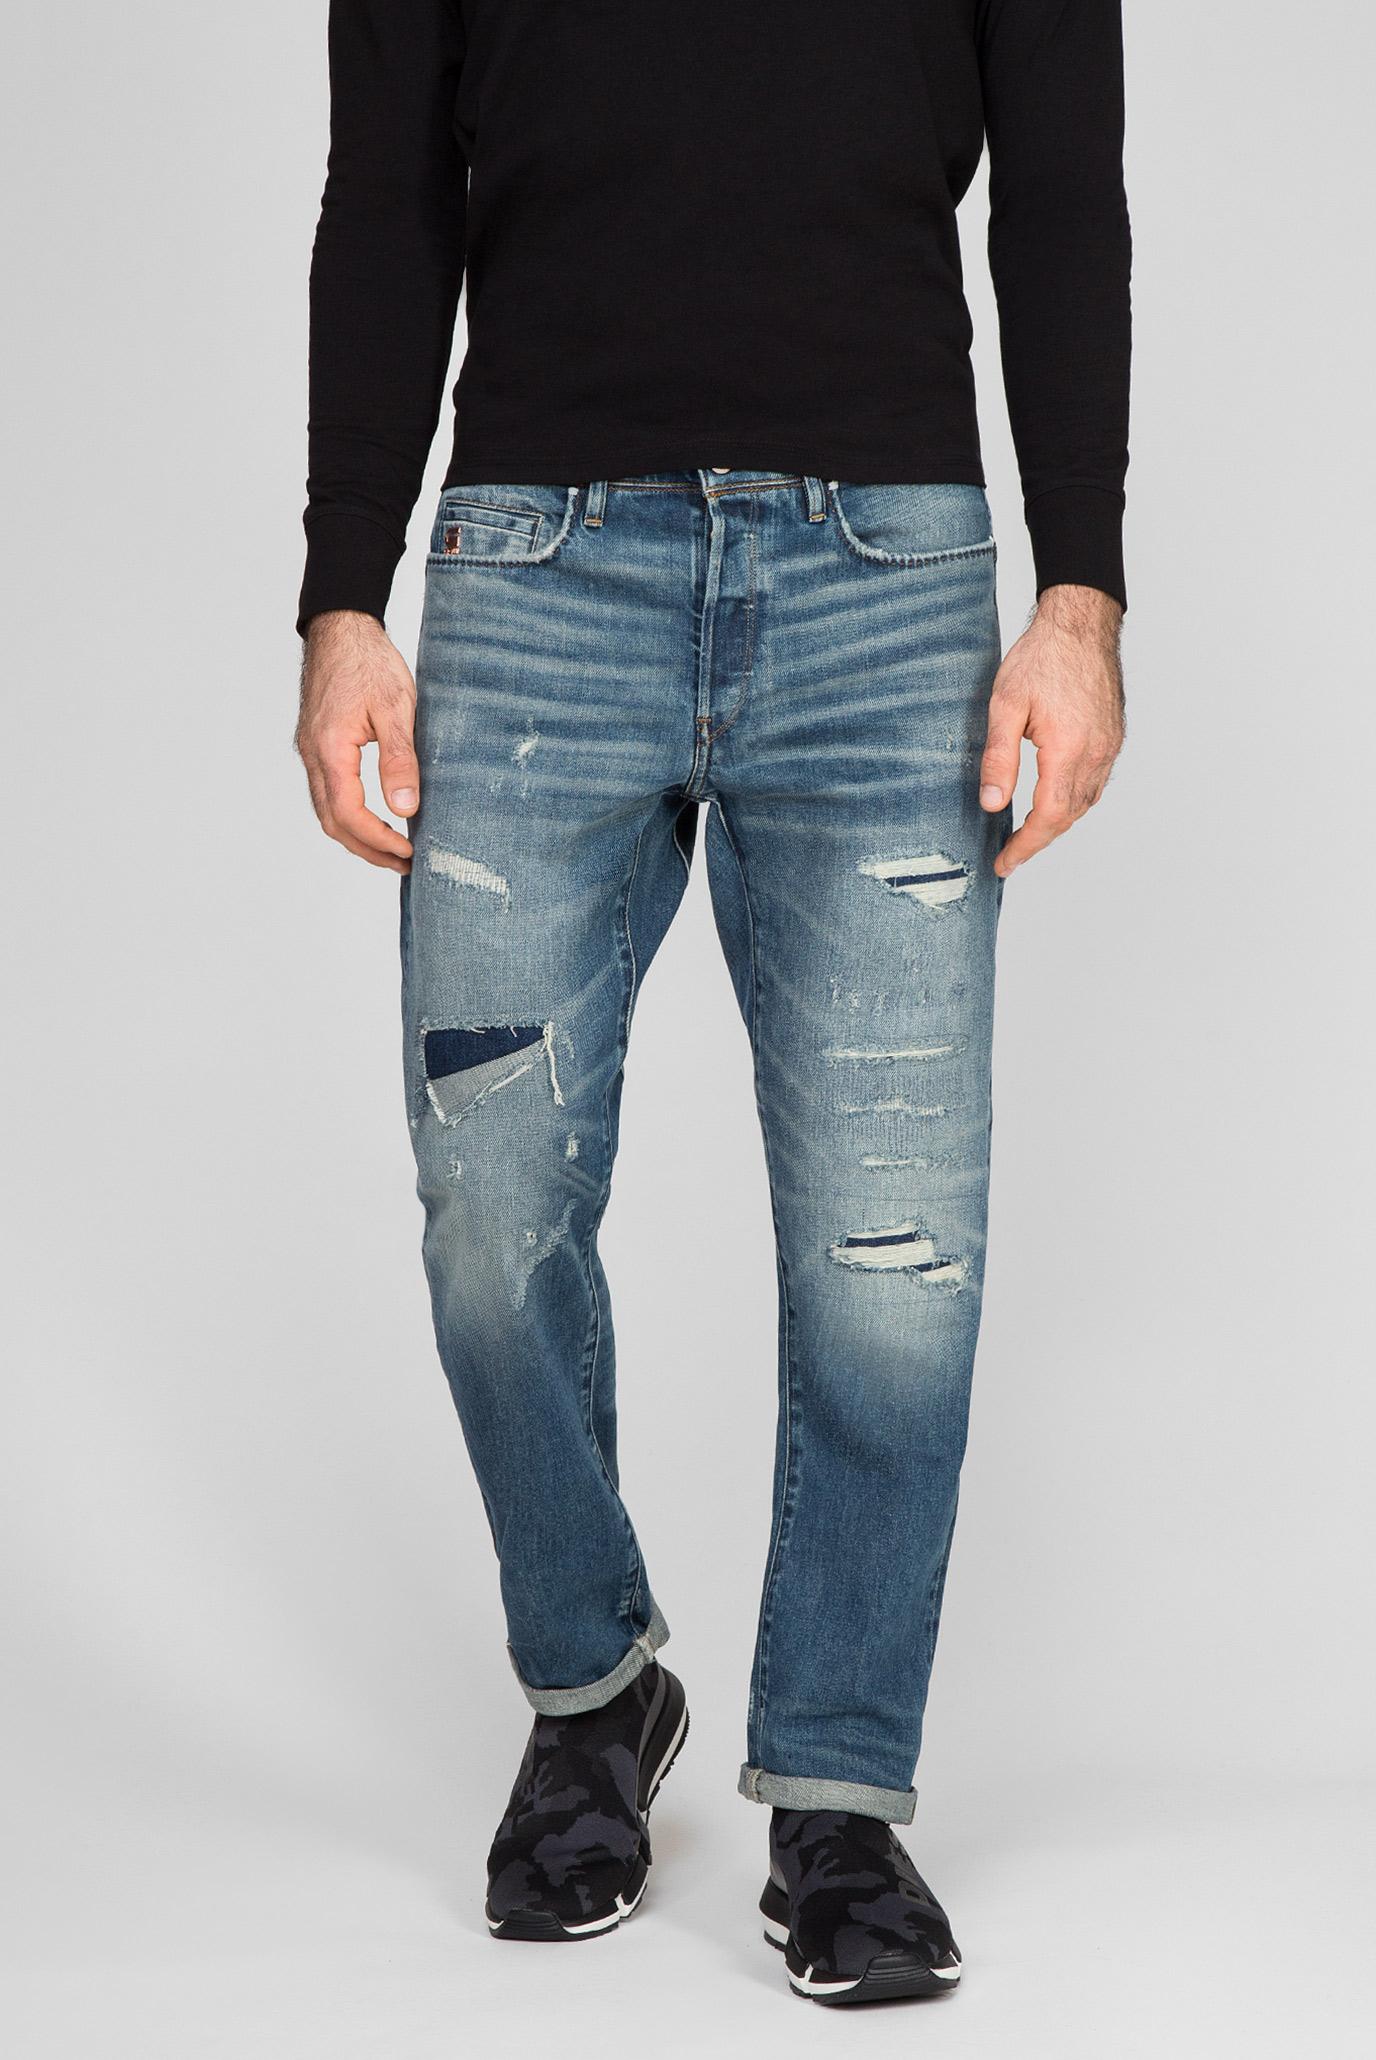 Мужские синие джинсы Moddan Type c relaxed tapered 1